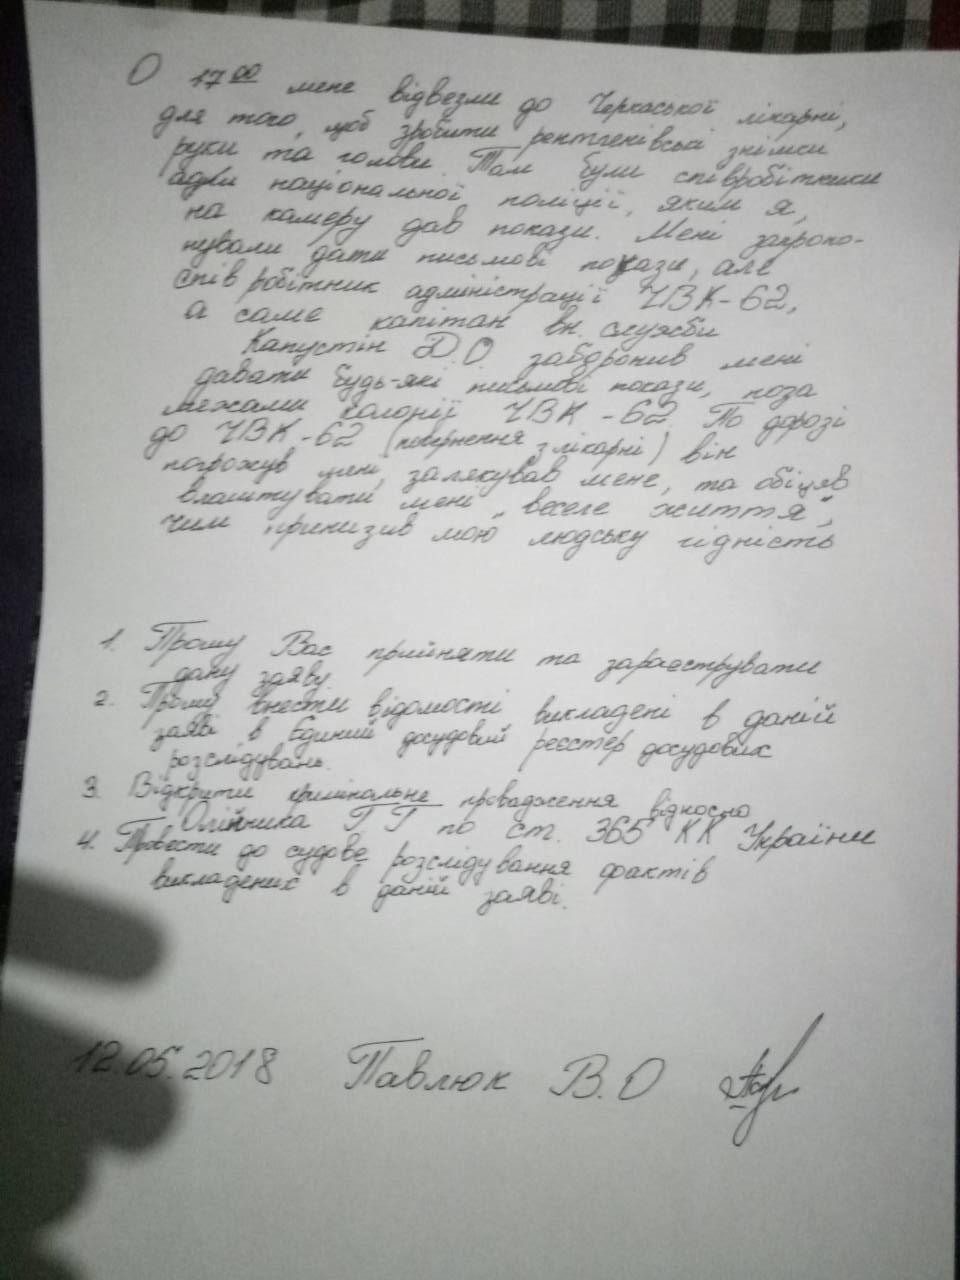 Черкасская исправительная колония - ЧИК №62 покрывает факты избиения осужденных